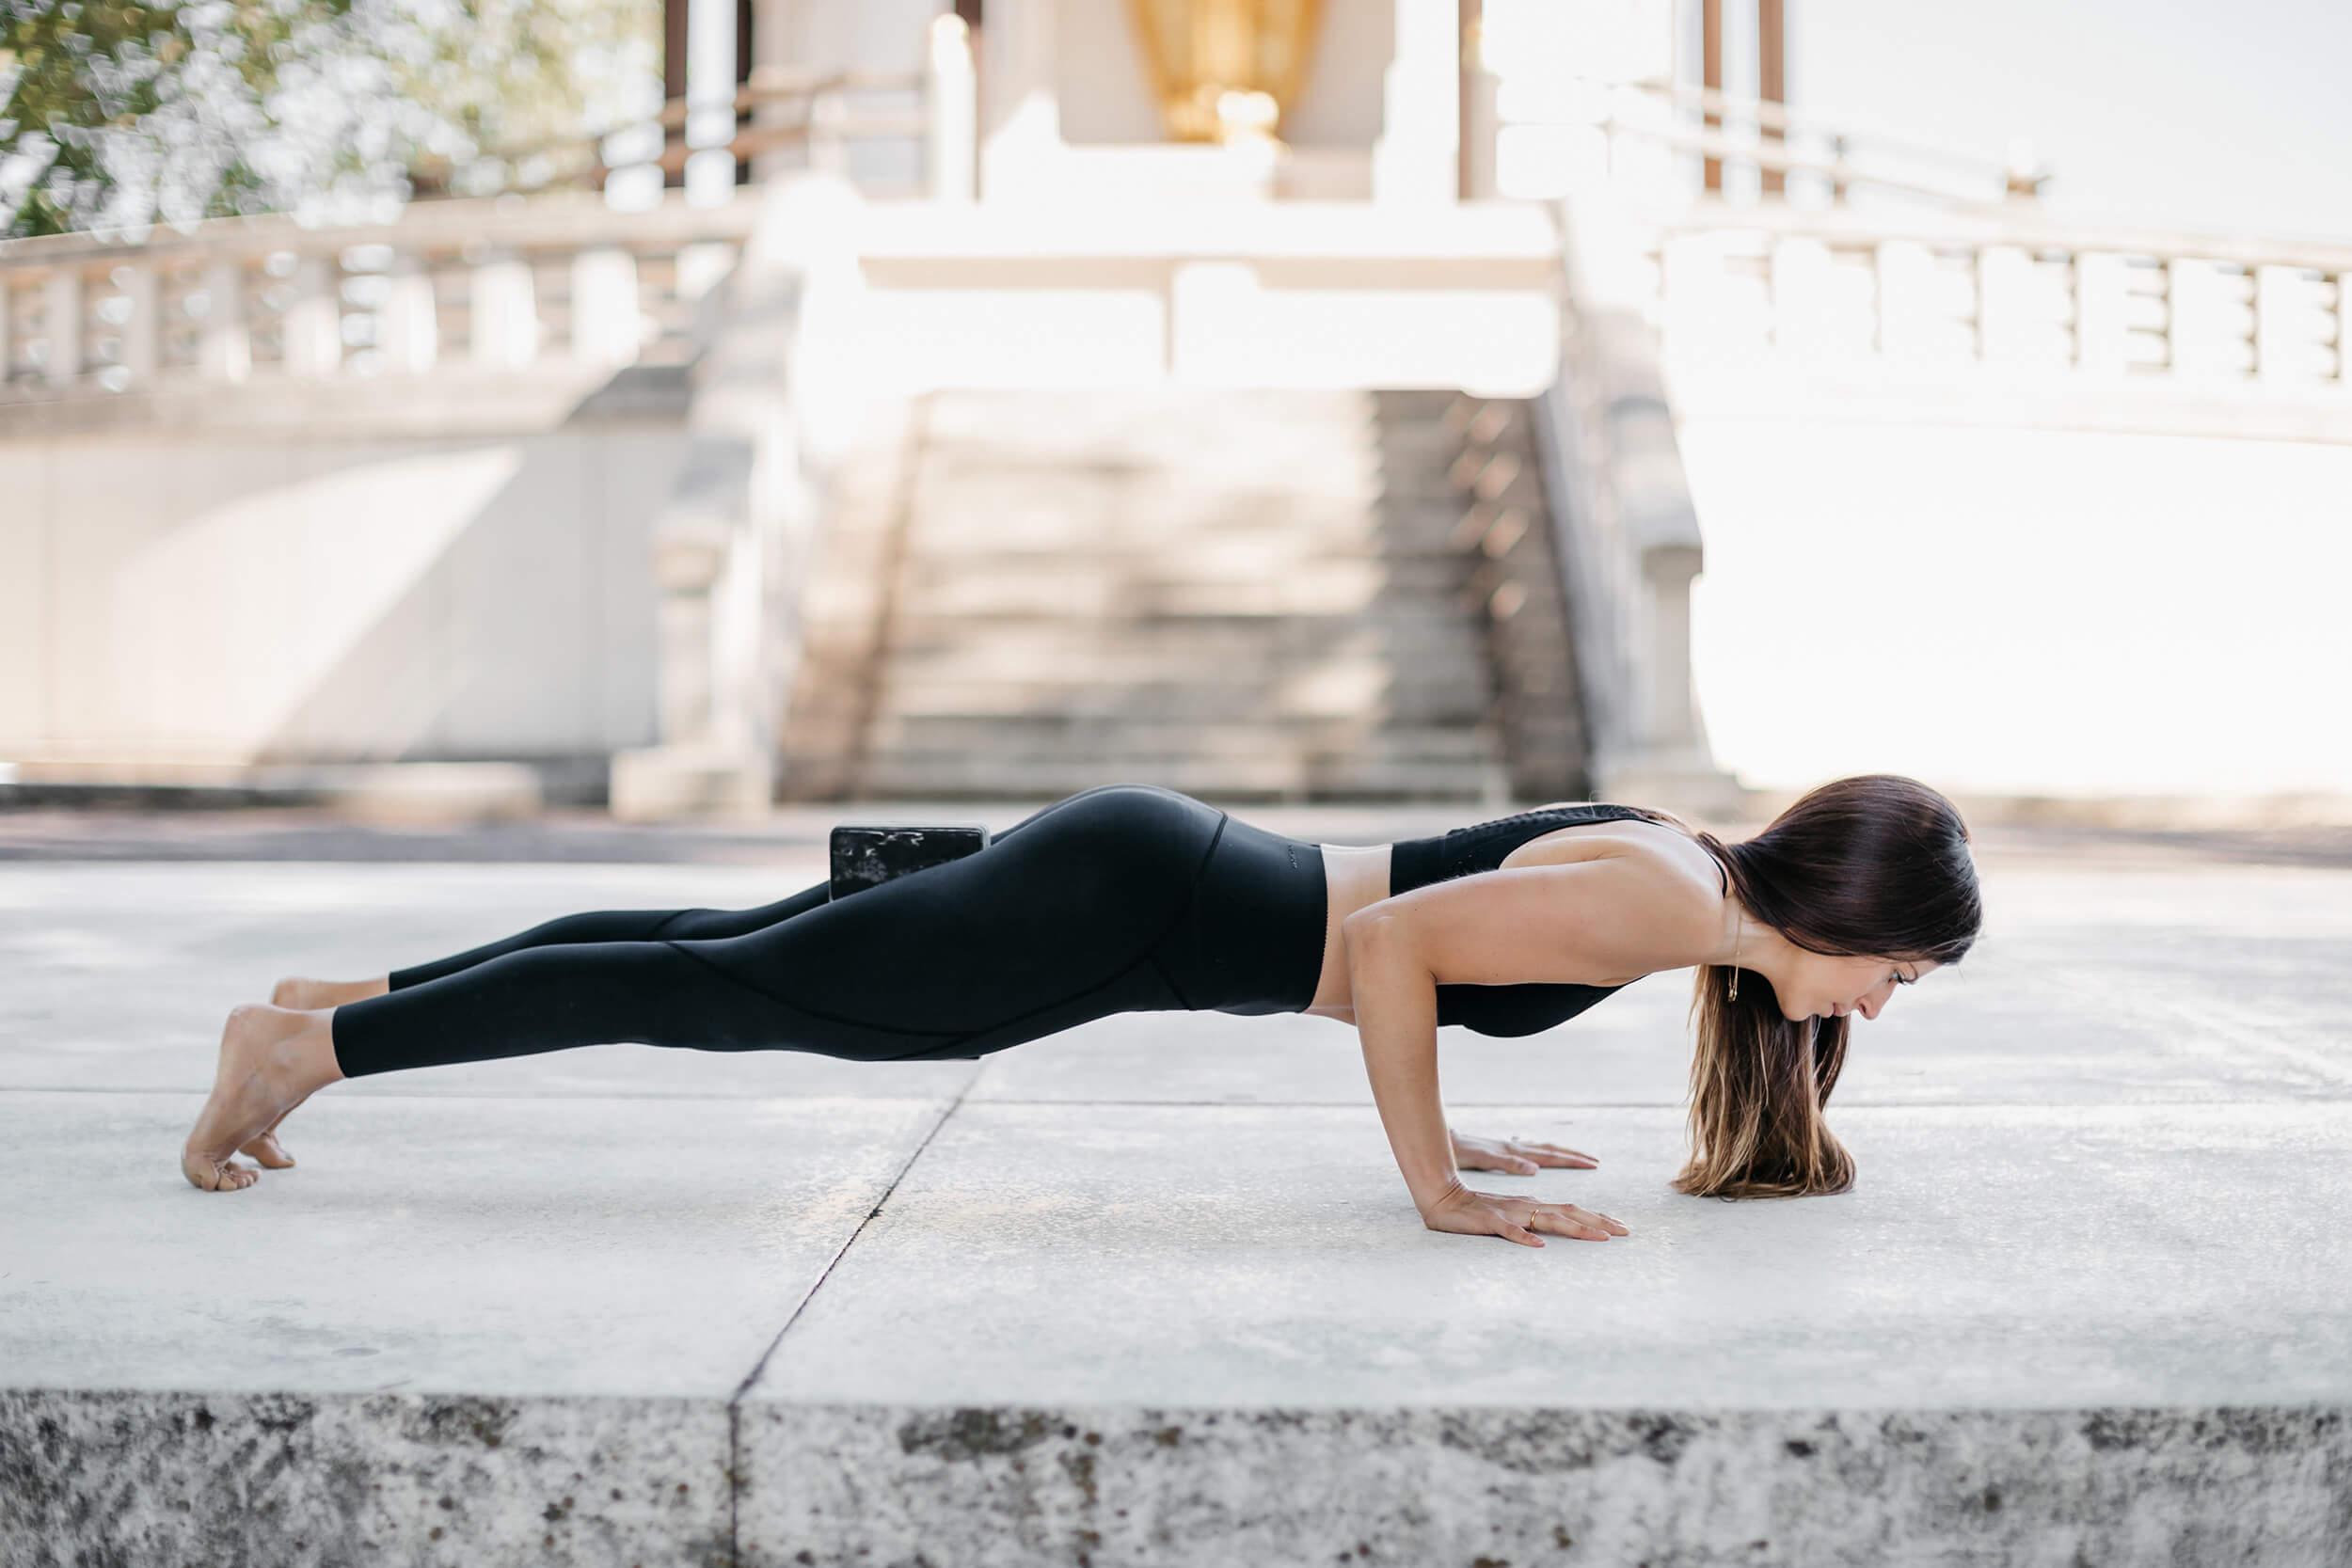 Hannah-Barrett-Yoga-2020-Images-29